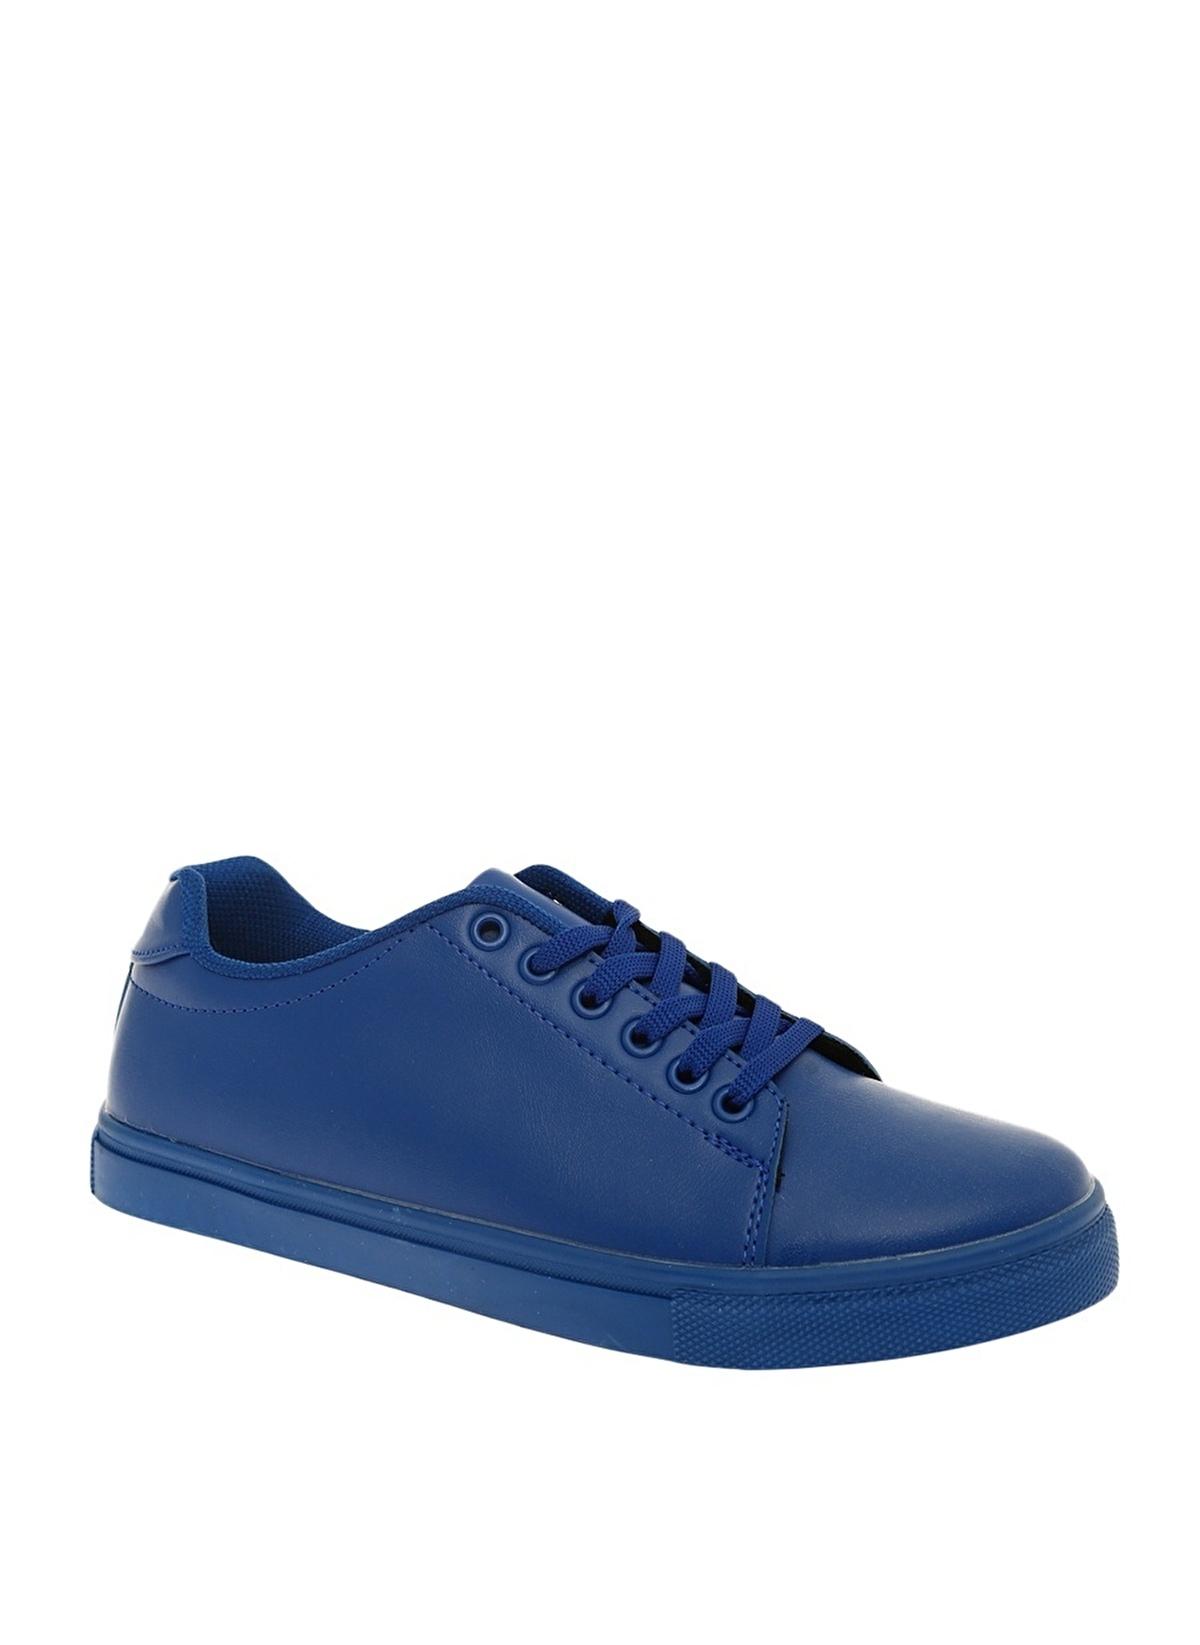 Limon Company Lifestyle Ayakkabı 520138968 Spor Ayakkabı – 28.99 TL